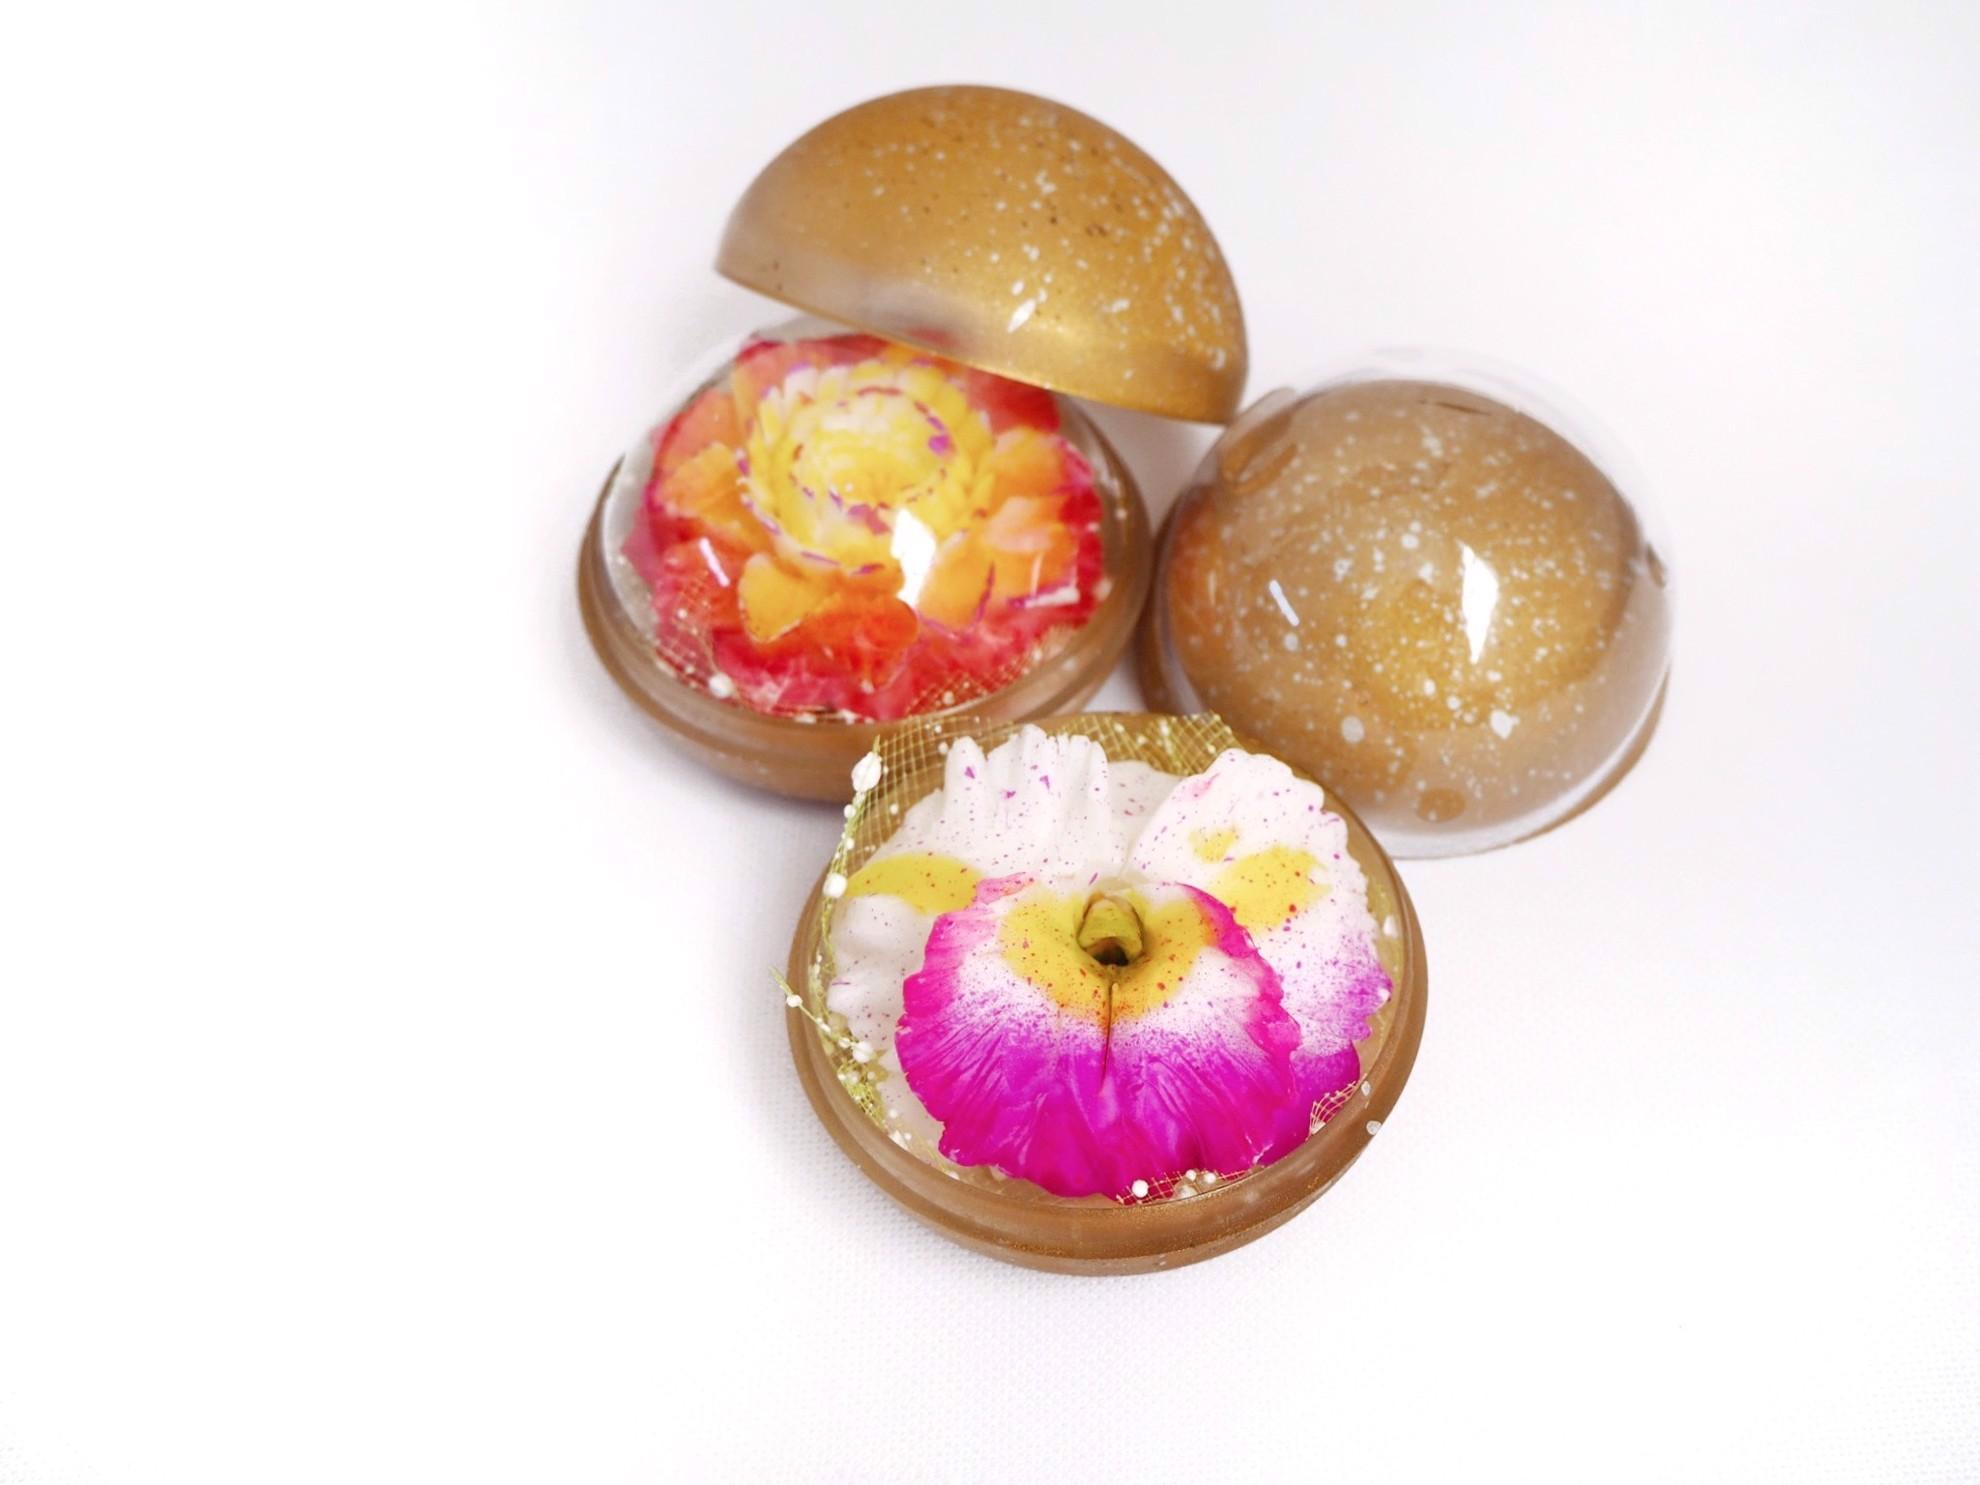 Bild von Exotische Orchidee und Rose Satz aus 2 Hand geschnitzten dekorativen Seifen mit Jasmin und Rosen aroma ätherisches Öl, Handgemachte Blume Seife Schnitzerei von Handwerker